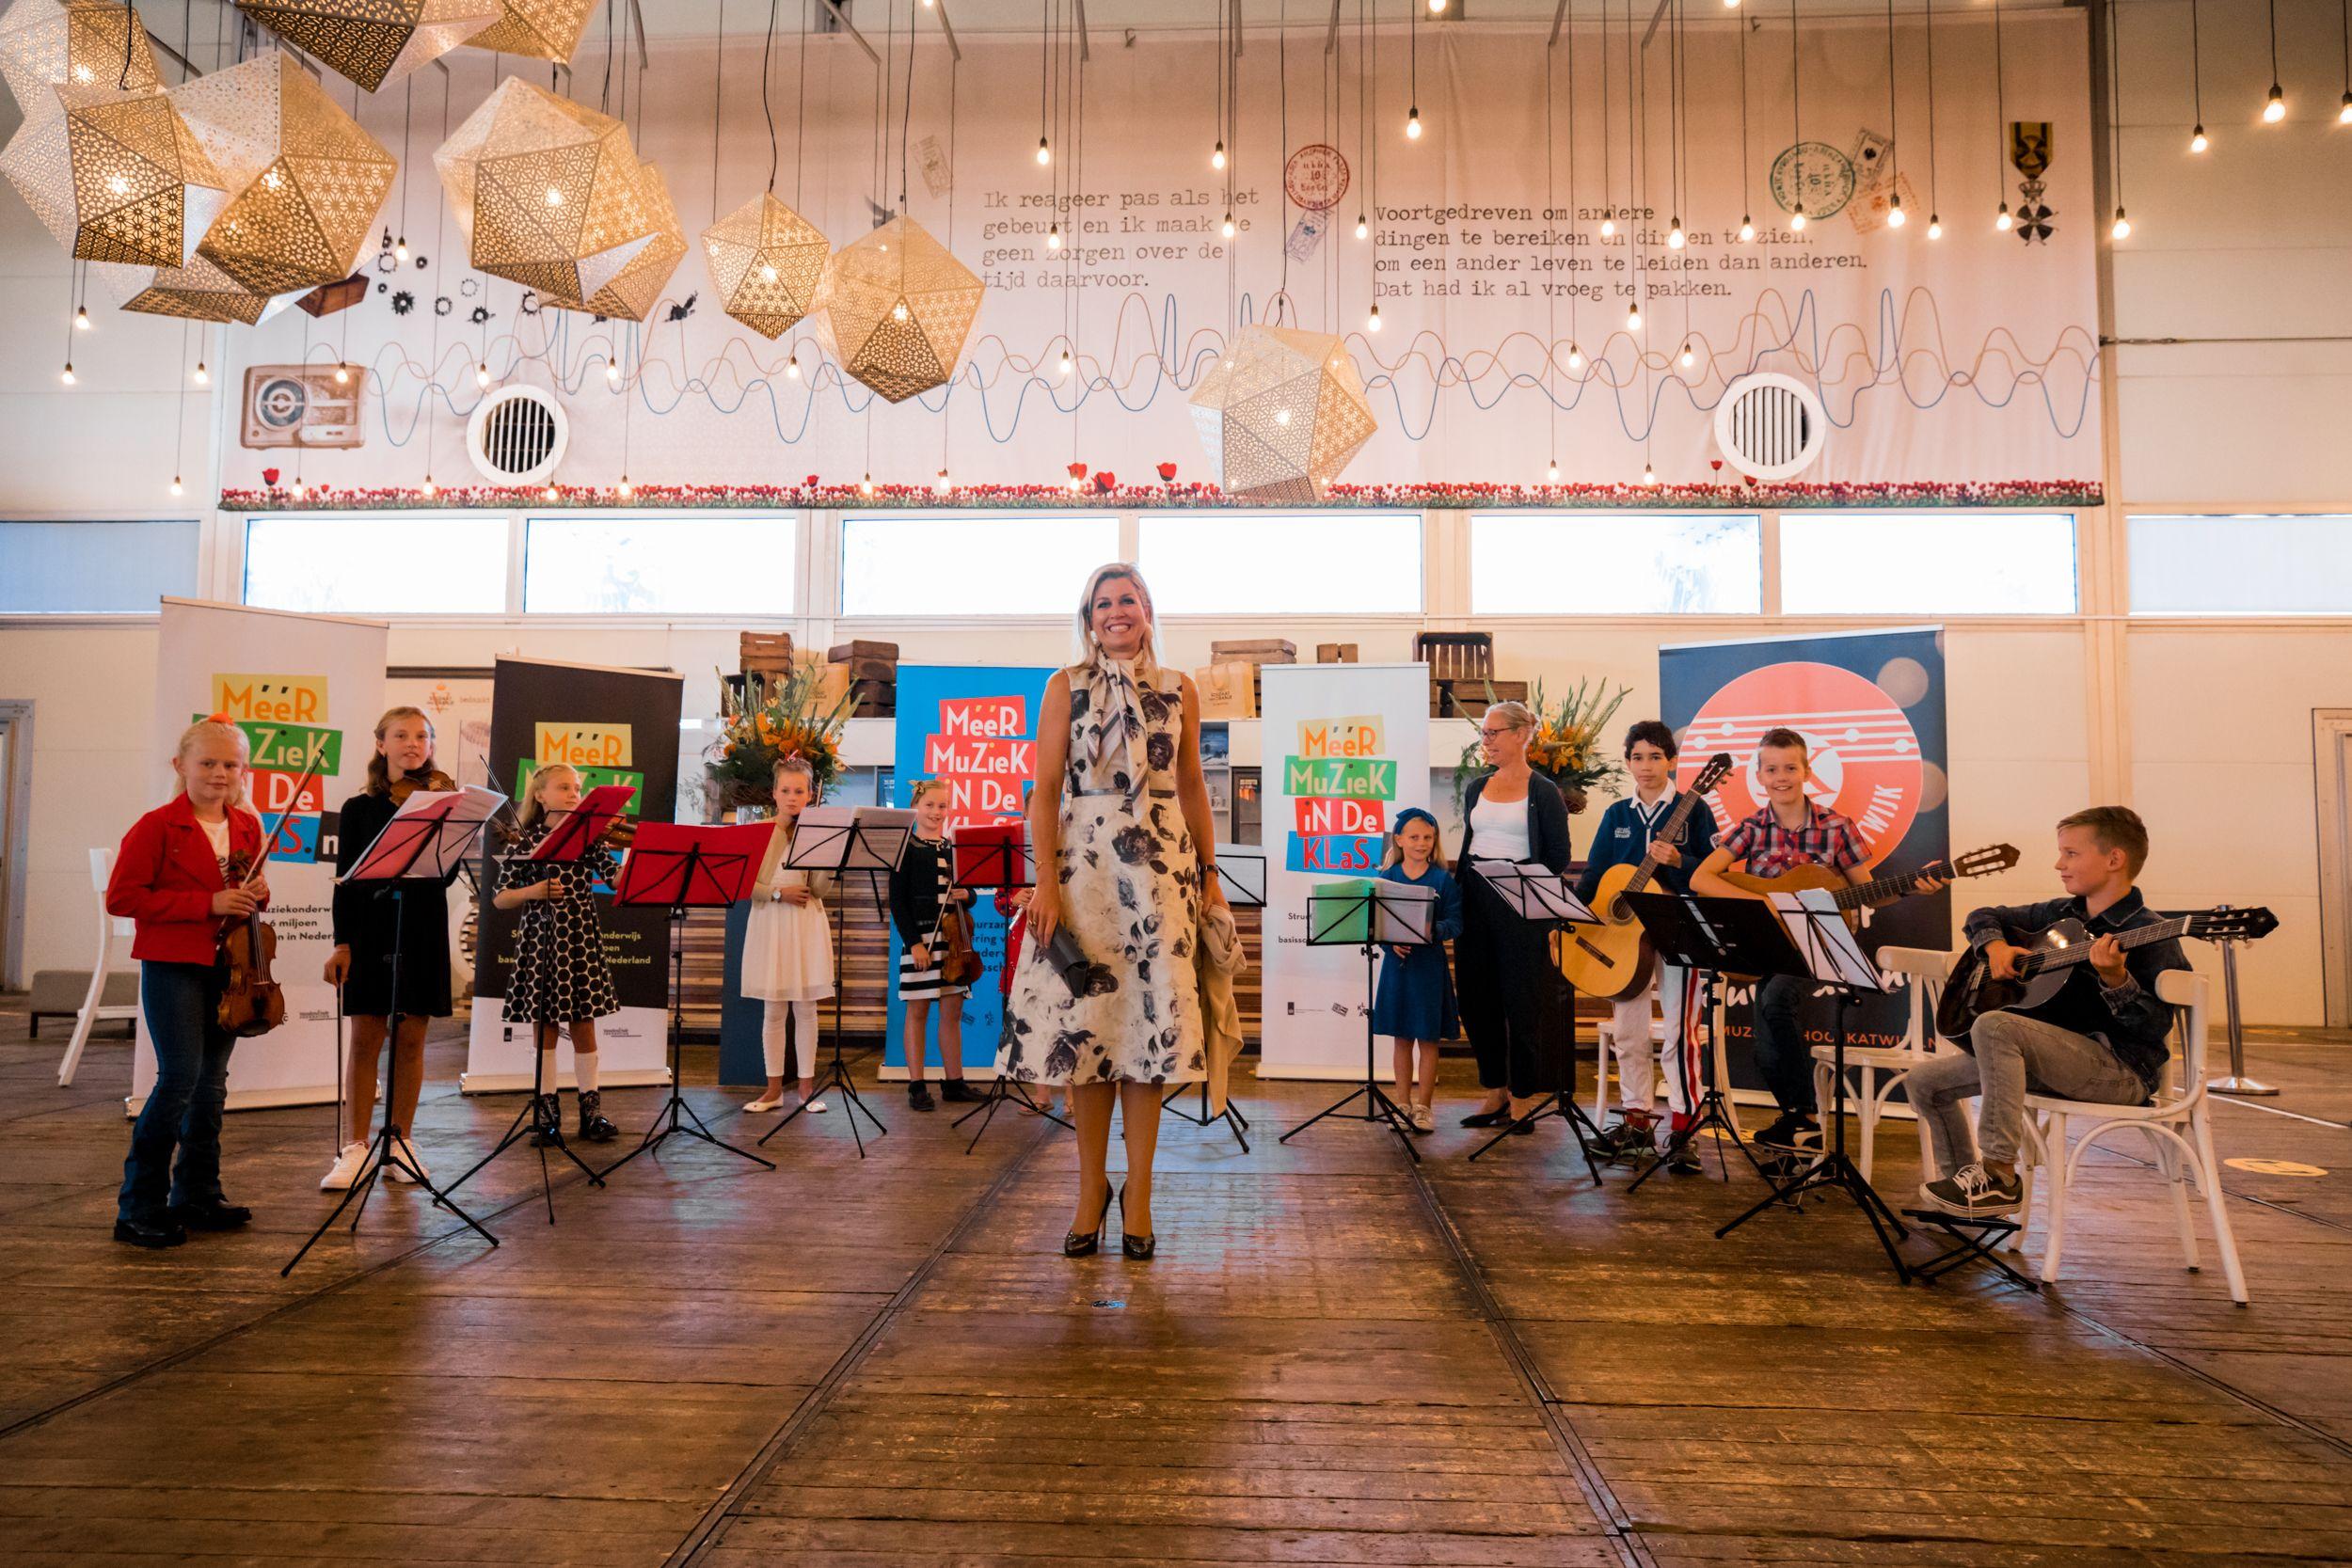 ©Set Vexy - Koningin Máxima met de Katwijkse muziekantjes in de foyer van de TheaterHangaar